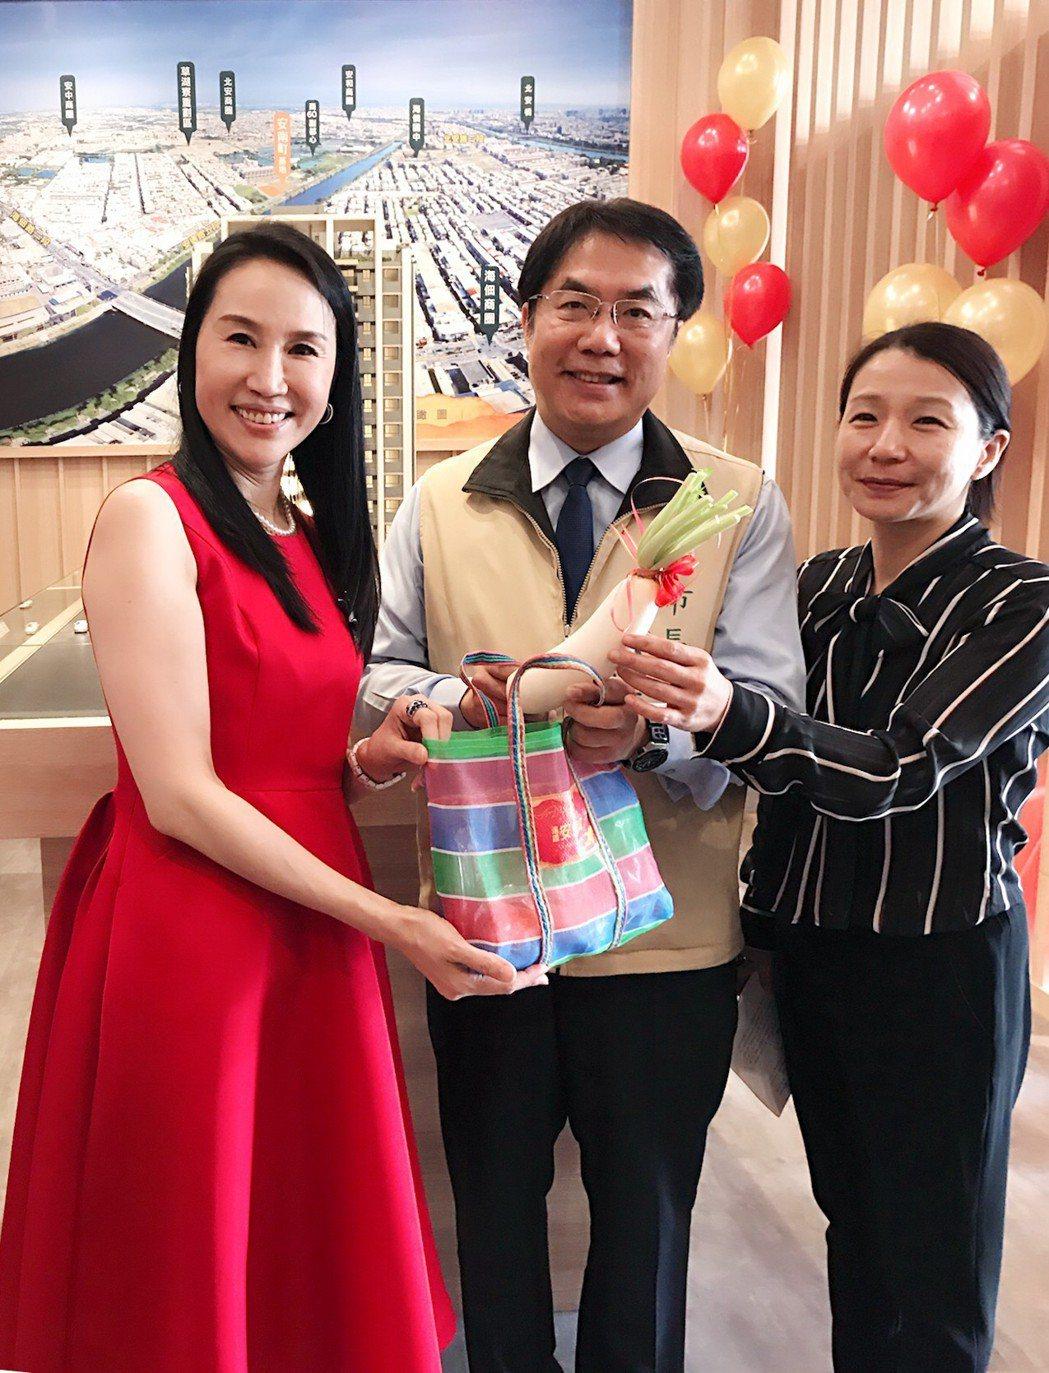 台南市長黃偉哲(中)親自到「遠雄安南町」感恩餐會致意,左起遠雄房地產總經理張麗蓉...